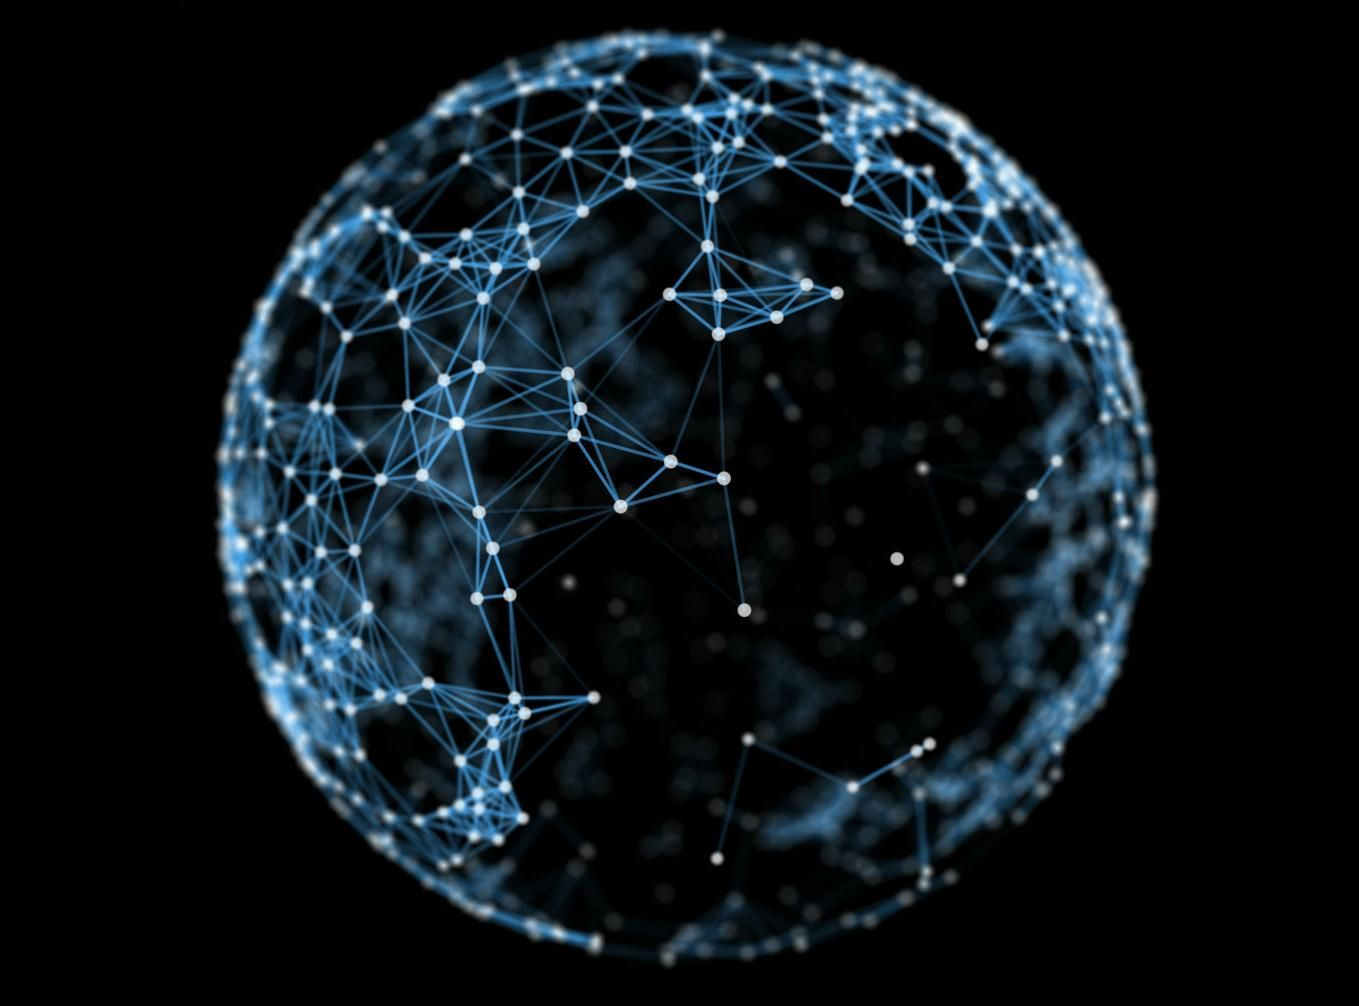 区块链是如何被金融服务和银行使用的?区块链最新消息